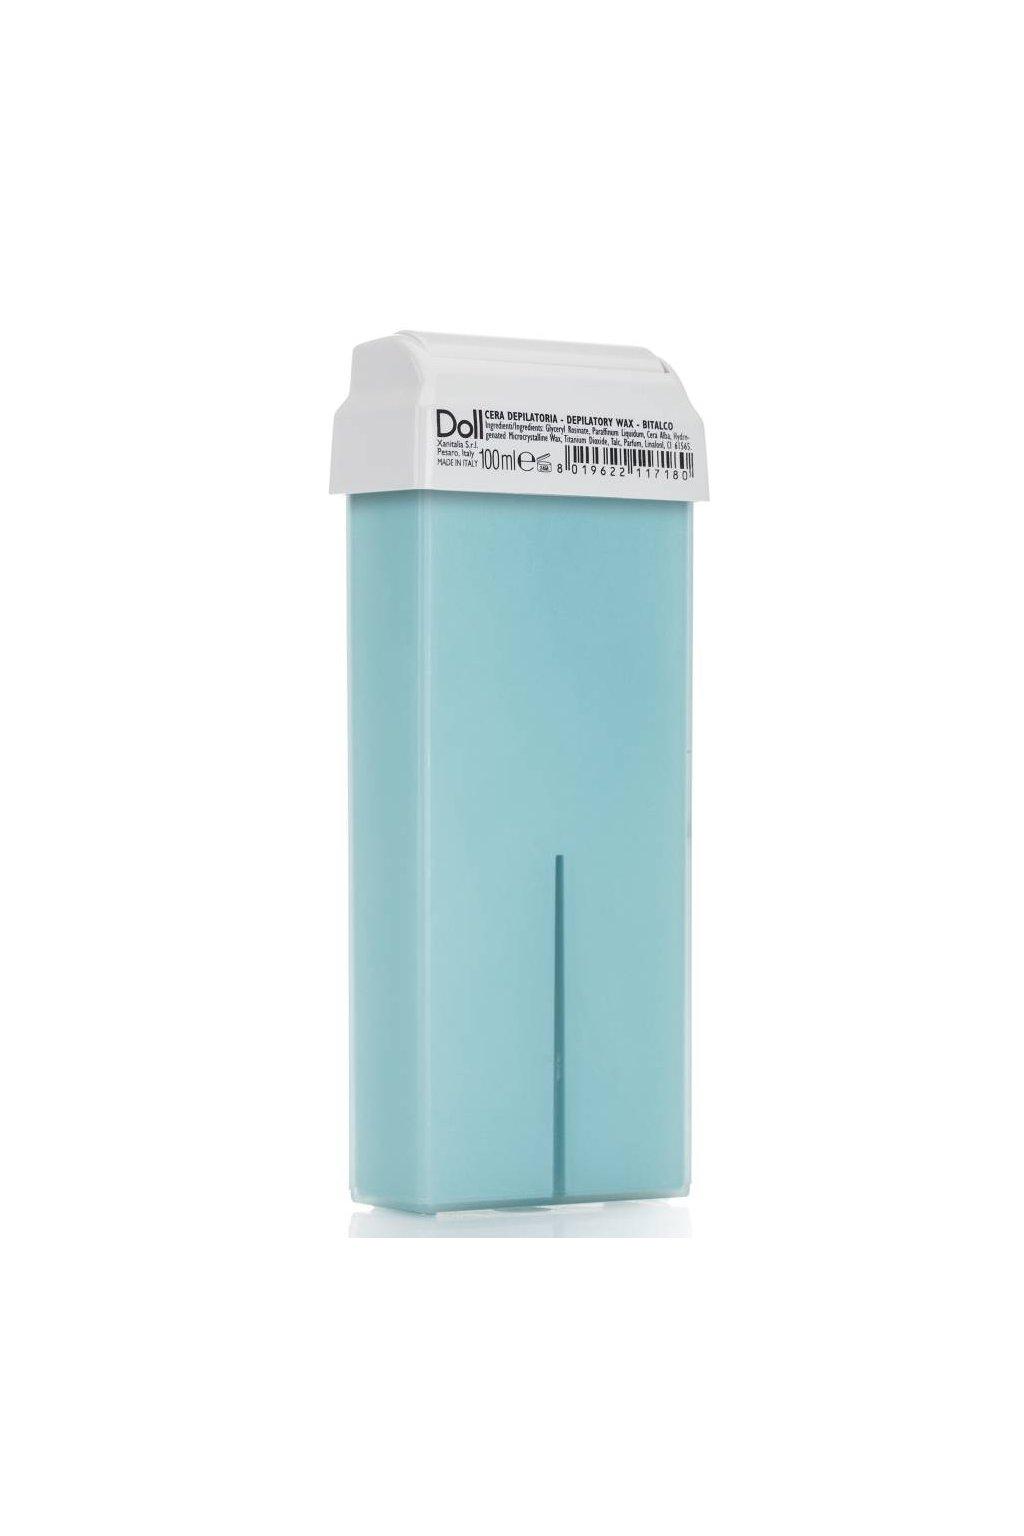 Xanitalia Epilační vosk B/TALCO vhodný pro citlivou pokožku, s Roll-on hlavicí 100ml